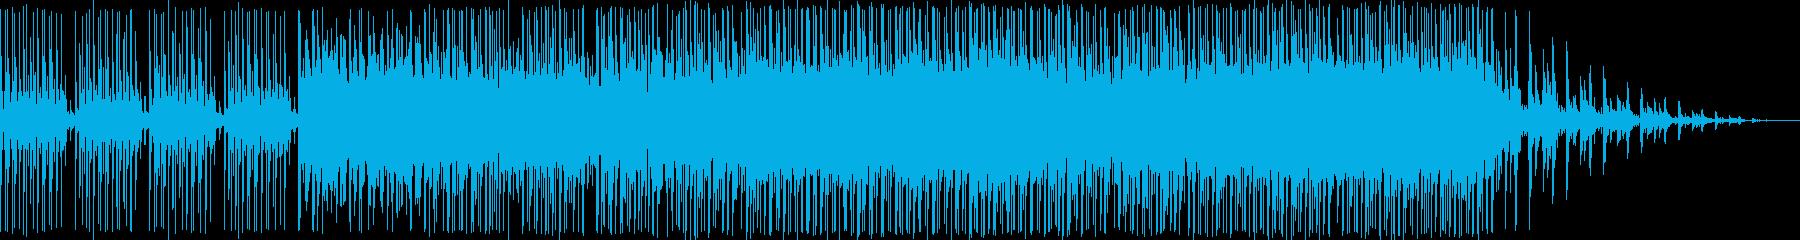 未来的なイメージのハイテンションEDMの再生済みの波形